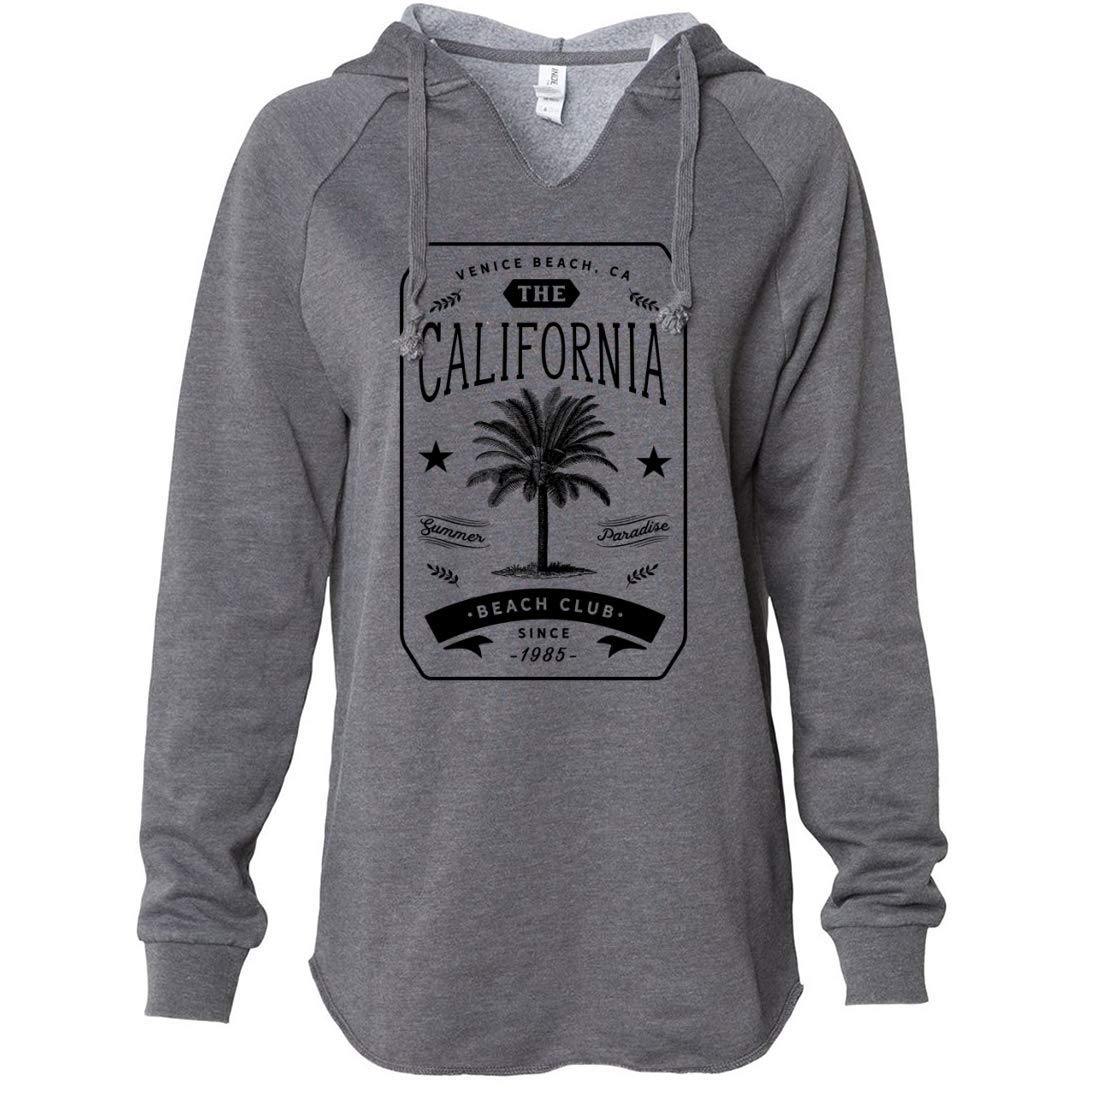 Dolphin Shirt Co California Beach Club Womens Soft Hooded Pullover